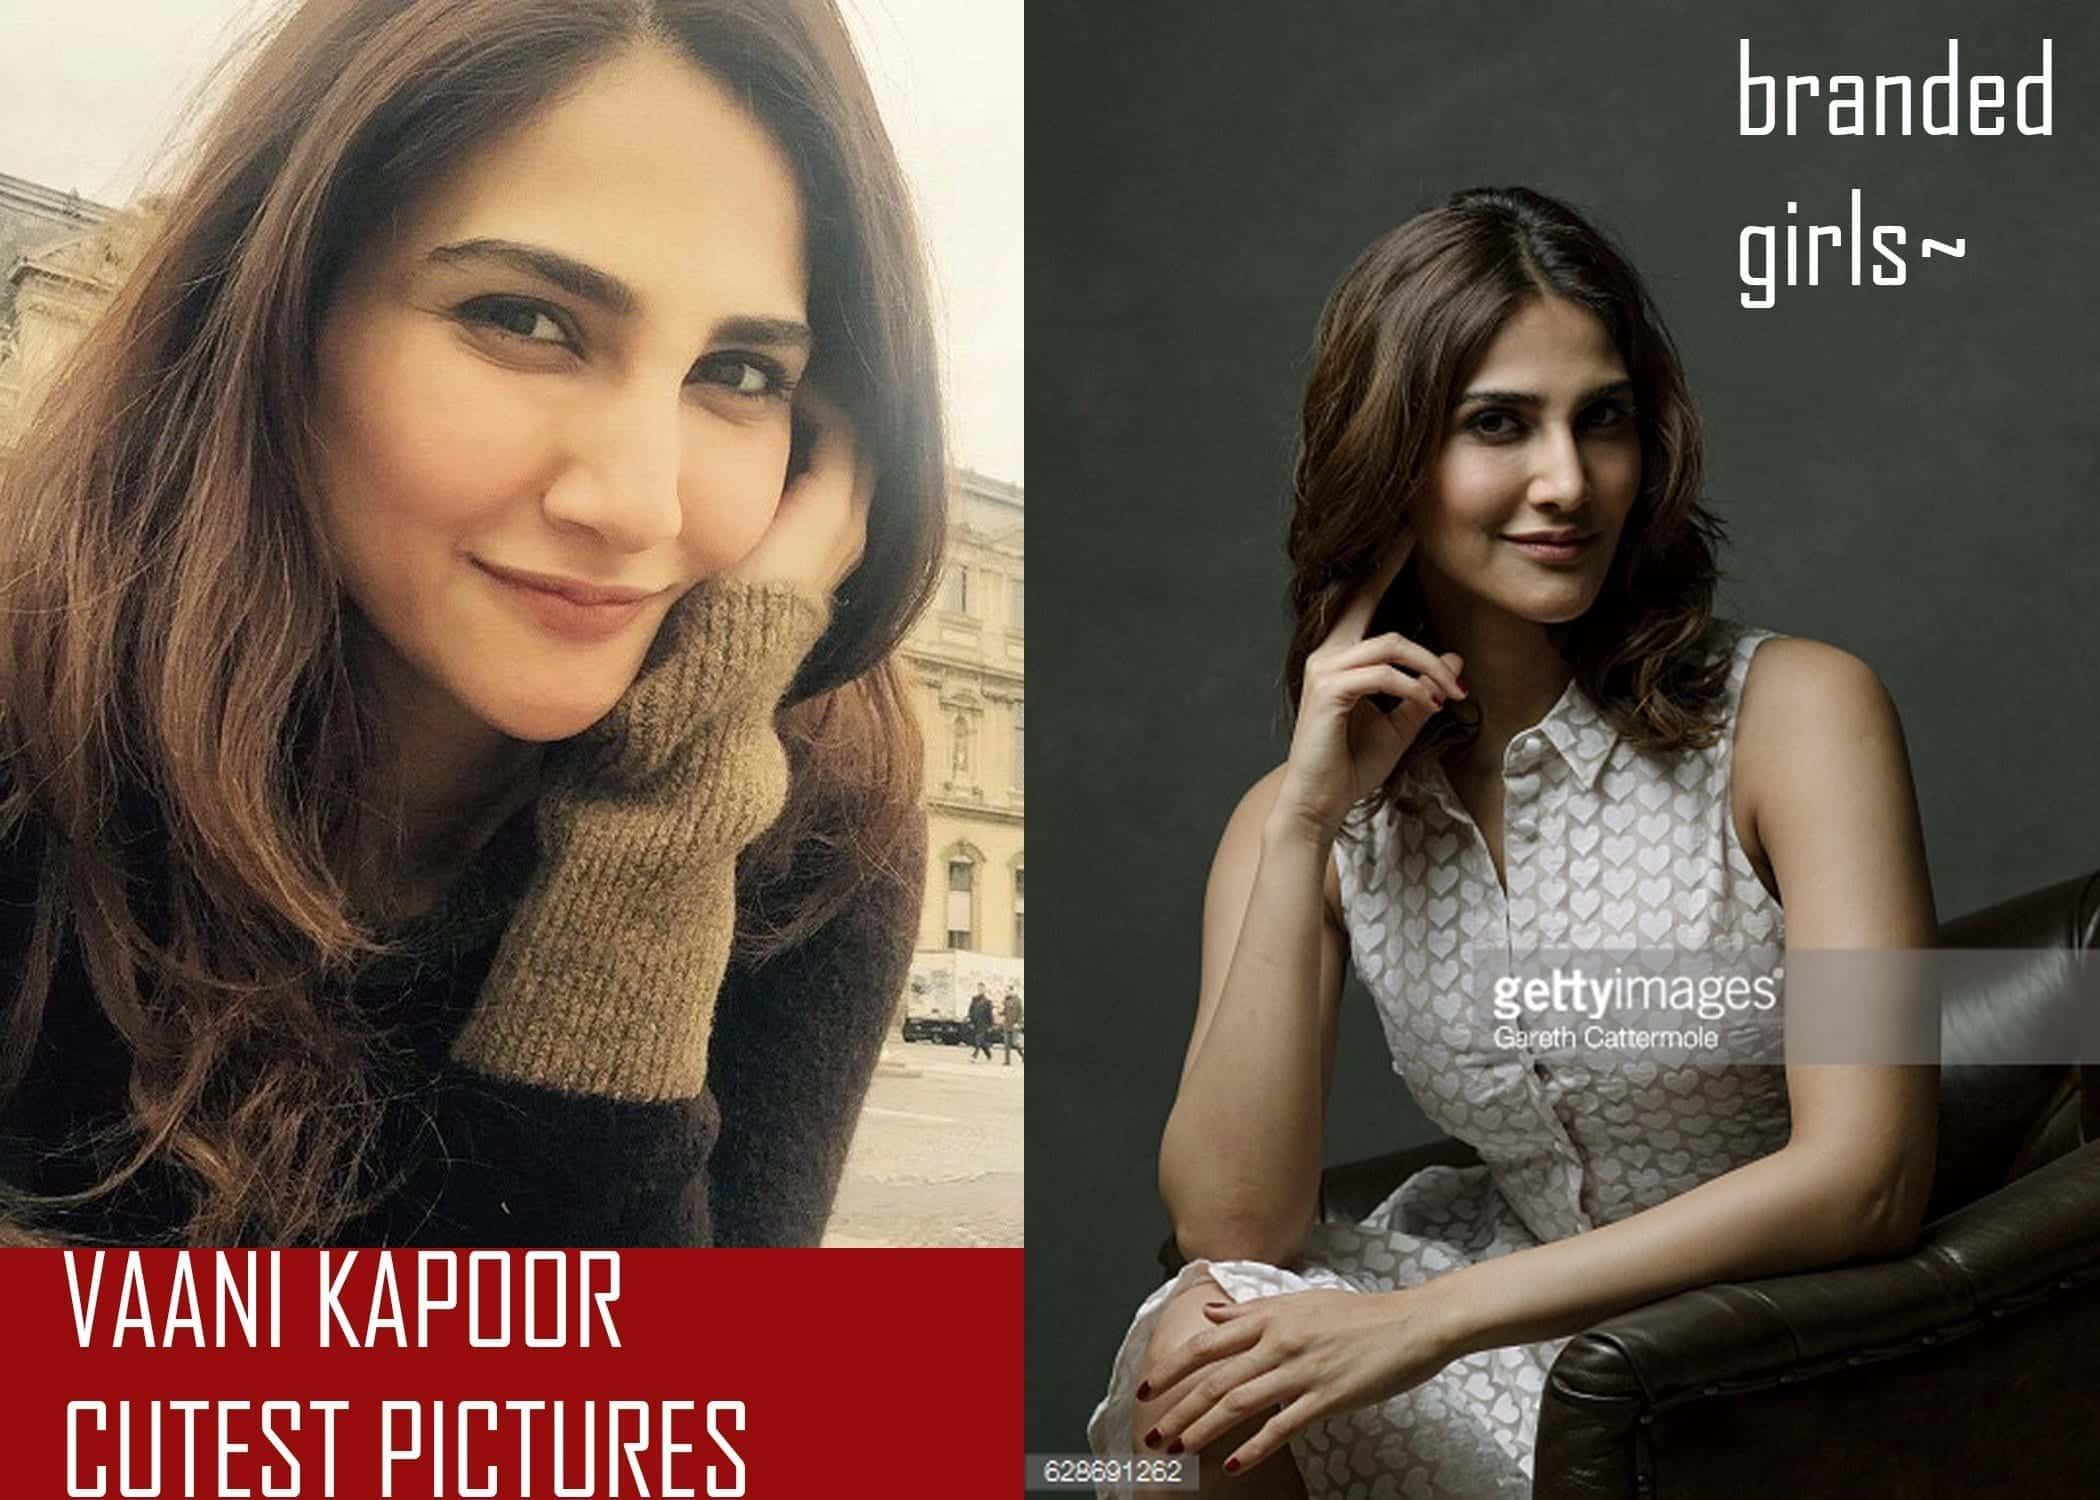 Untitled-1 Vaani Kapoor Pics - 30 Cutest Pictures of Vaani Kapoor